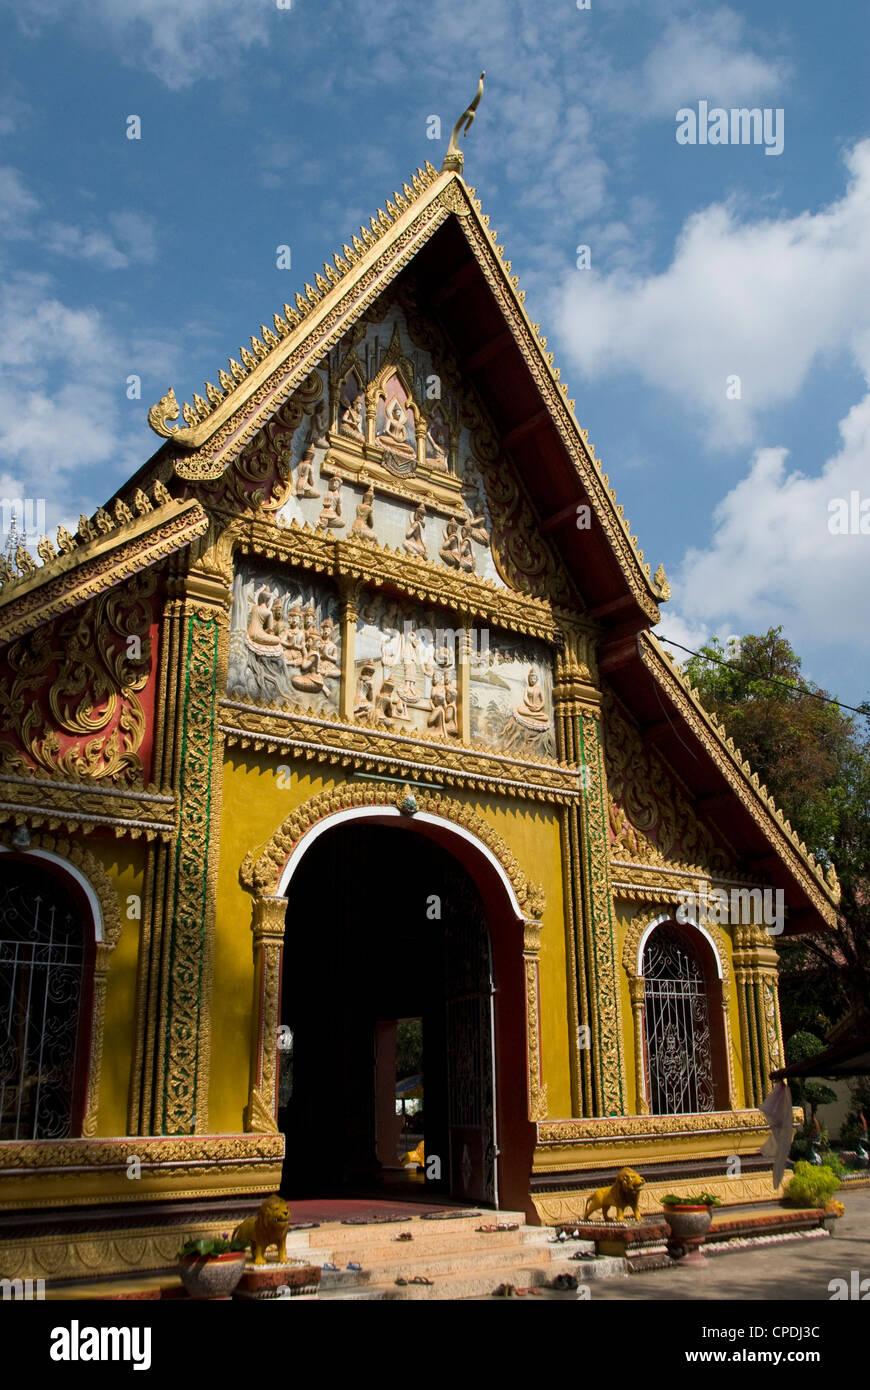 Facciata decorativa, Wat Si Muang, Vientiane, Laos, Indocina, Asia sud-orientale, Asia Immagini Stock